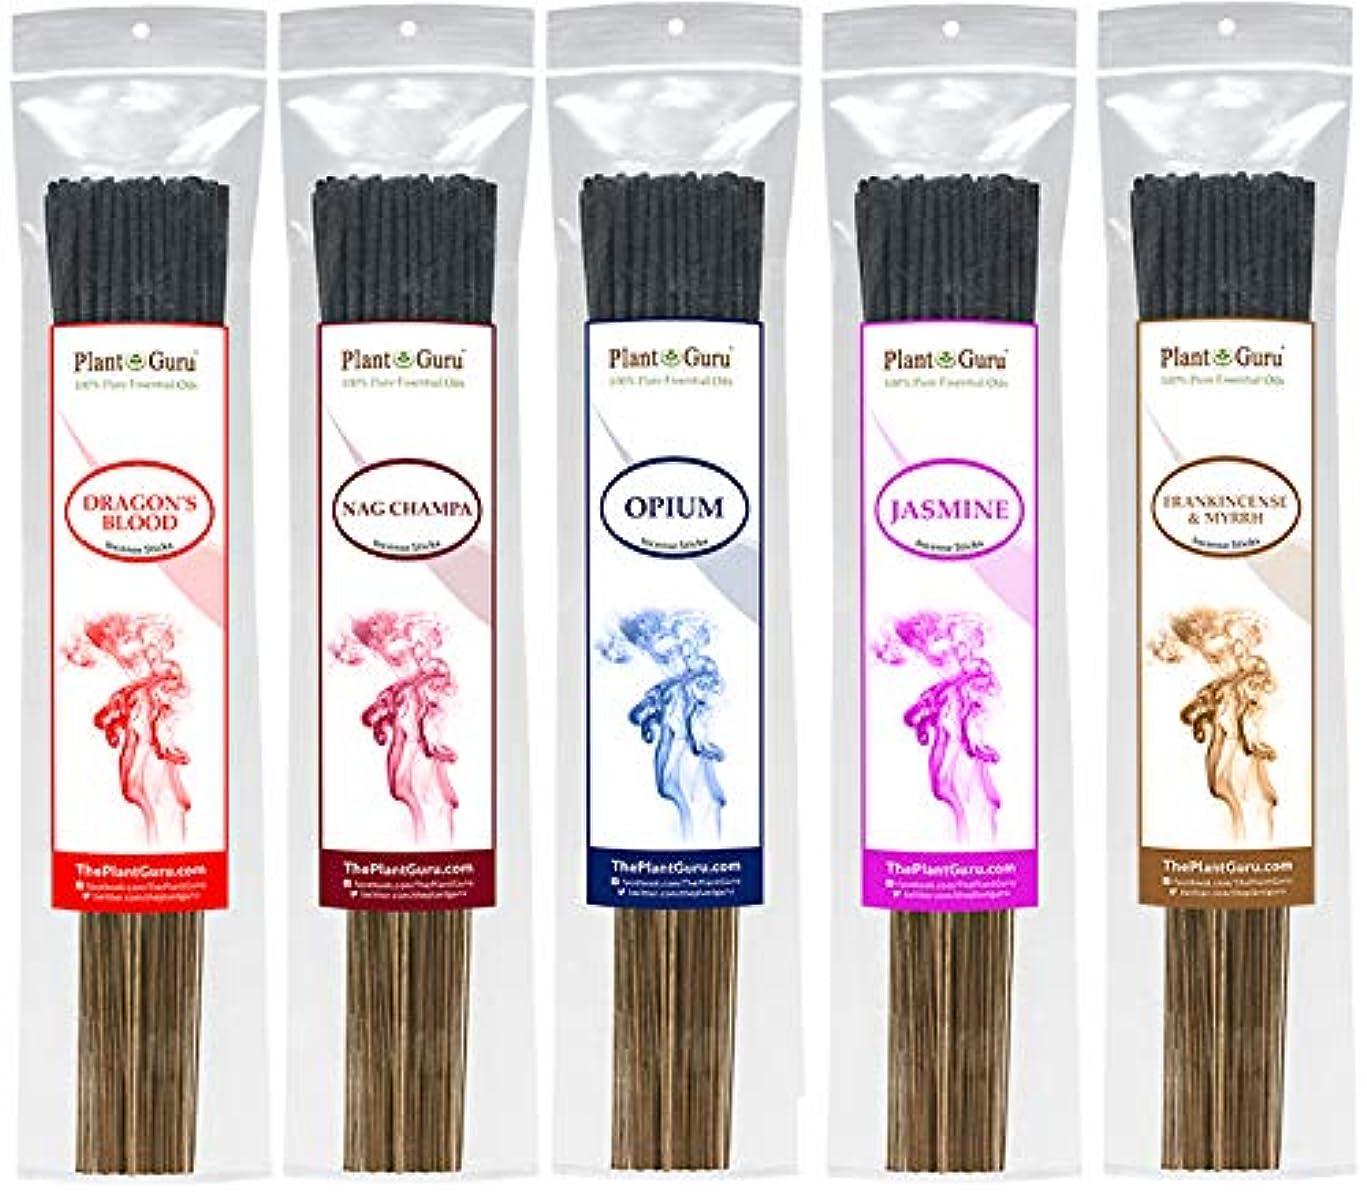 アテンダントピュー動物園IncenseサンプラーセットエキゾチックIncense Sticks 925グラムスティック数合計425 to 500 Sticksプレミアム品質Smooth Clean Burn各スティックは10.5インチ長Burn...